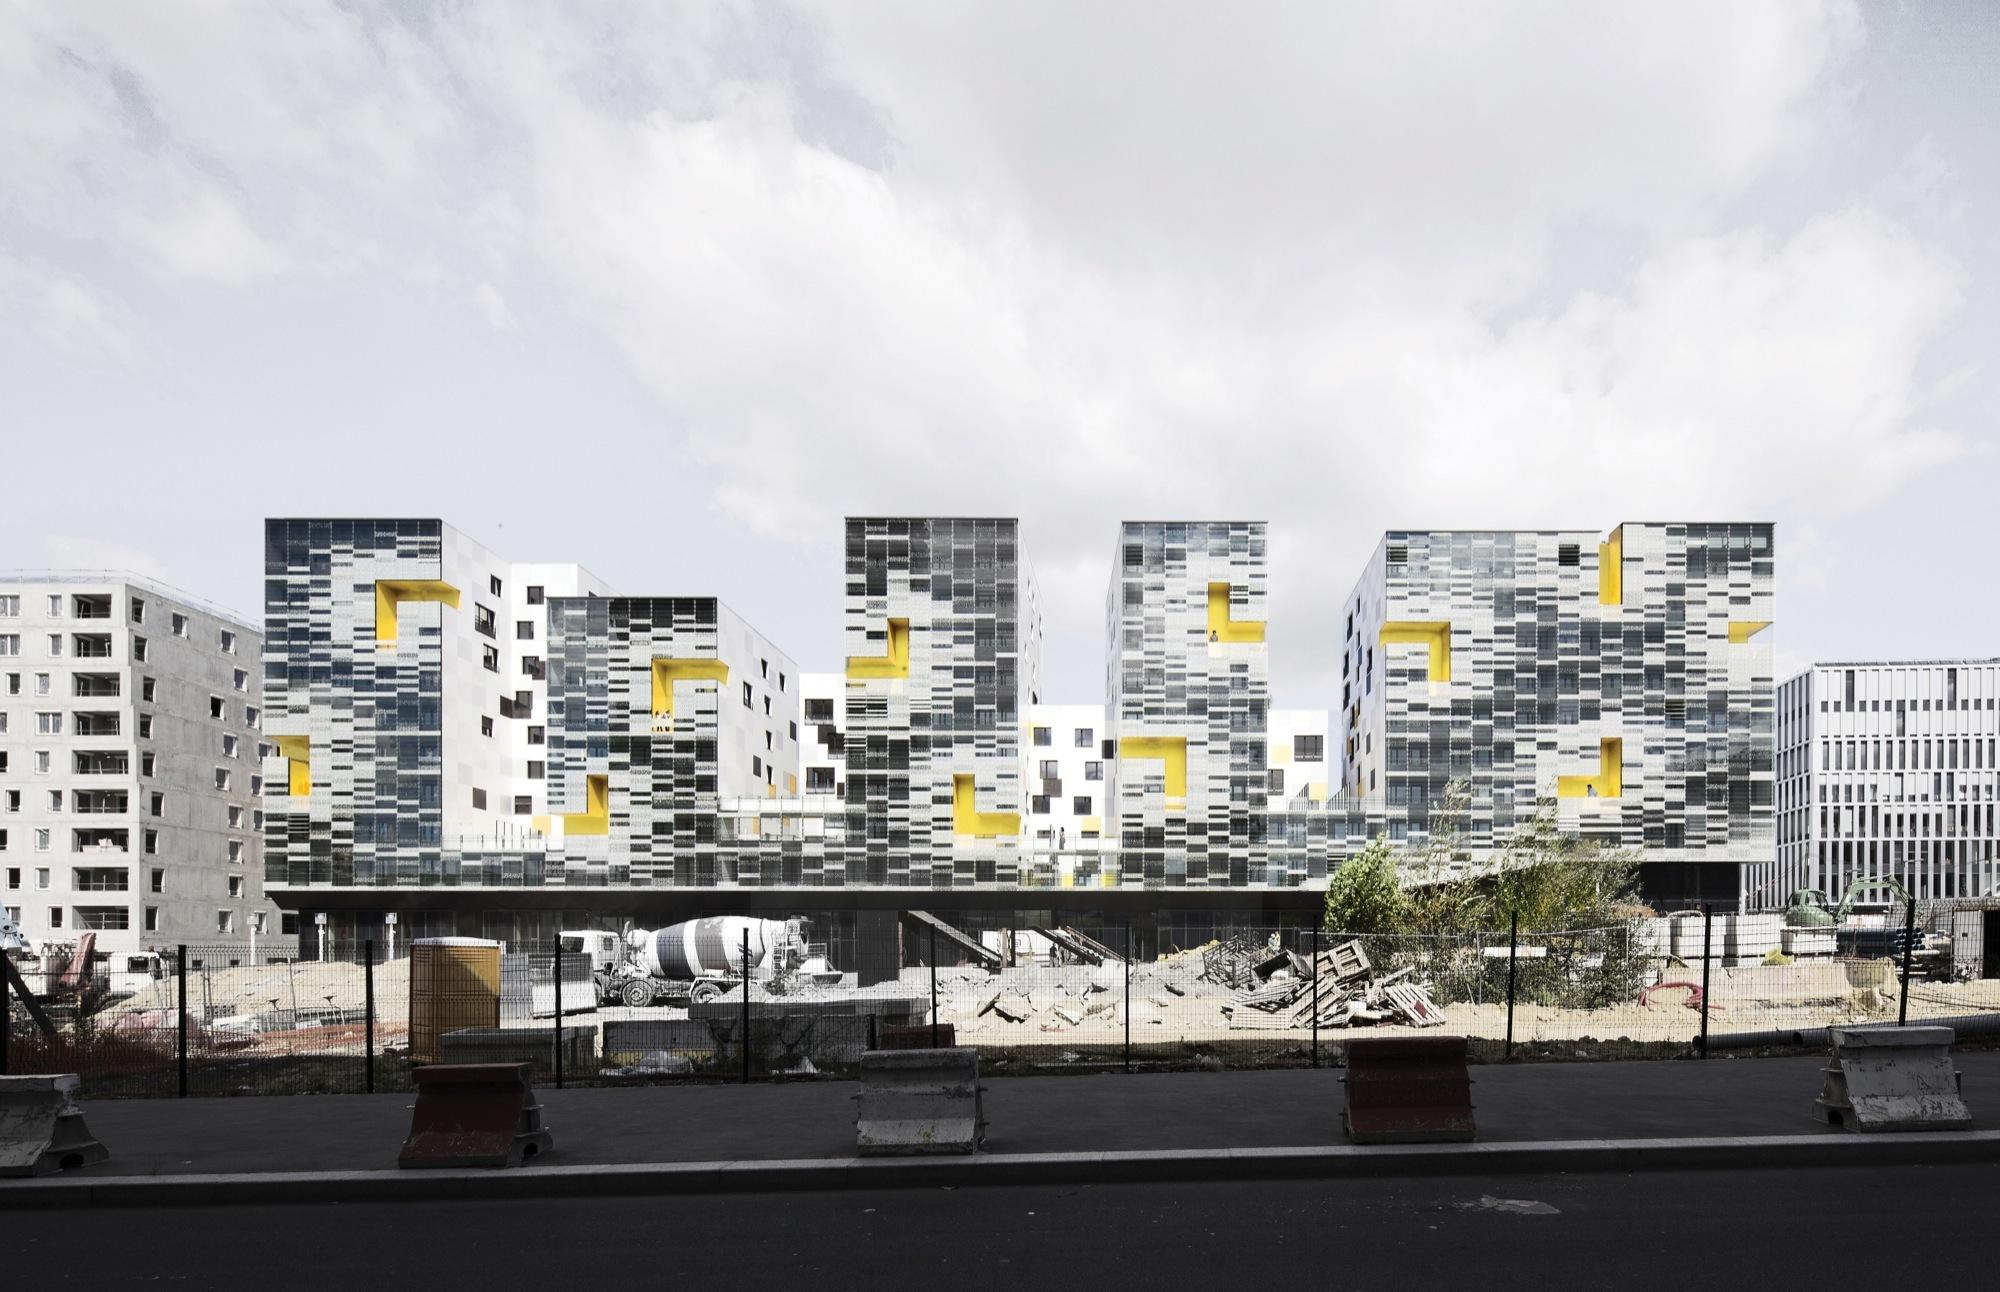 Blocos de Apartamentos em Nanterre / X-TU, © Luc Boegly